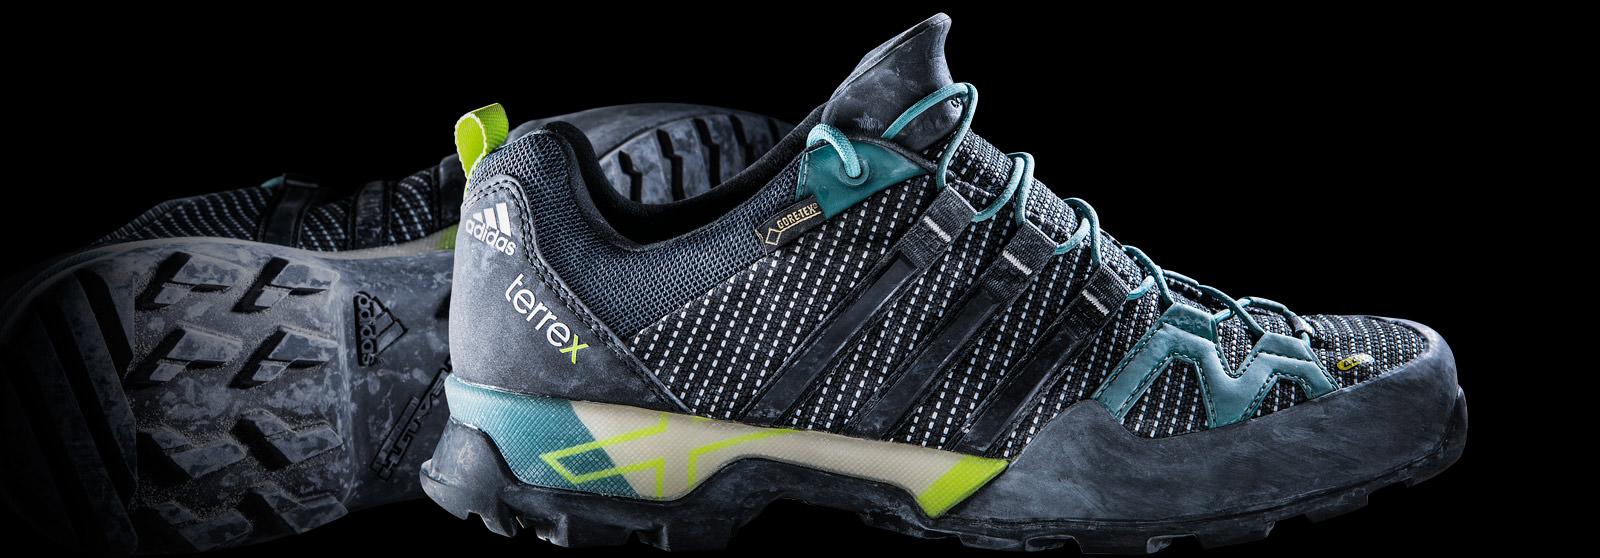 e97401b68 Adidas Terrex - výpredaj na Shooos.sk